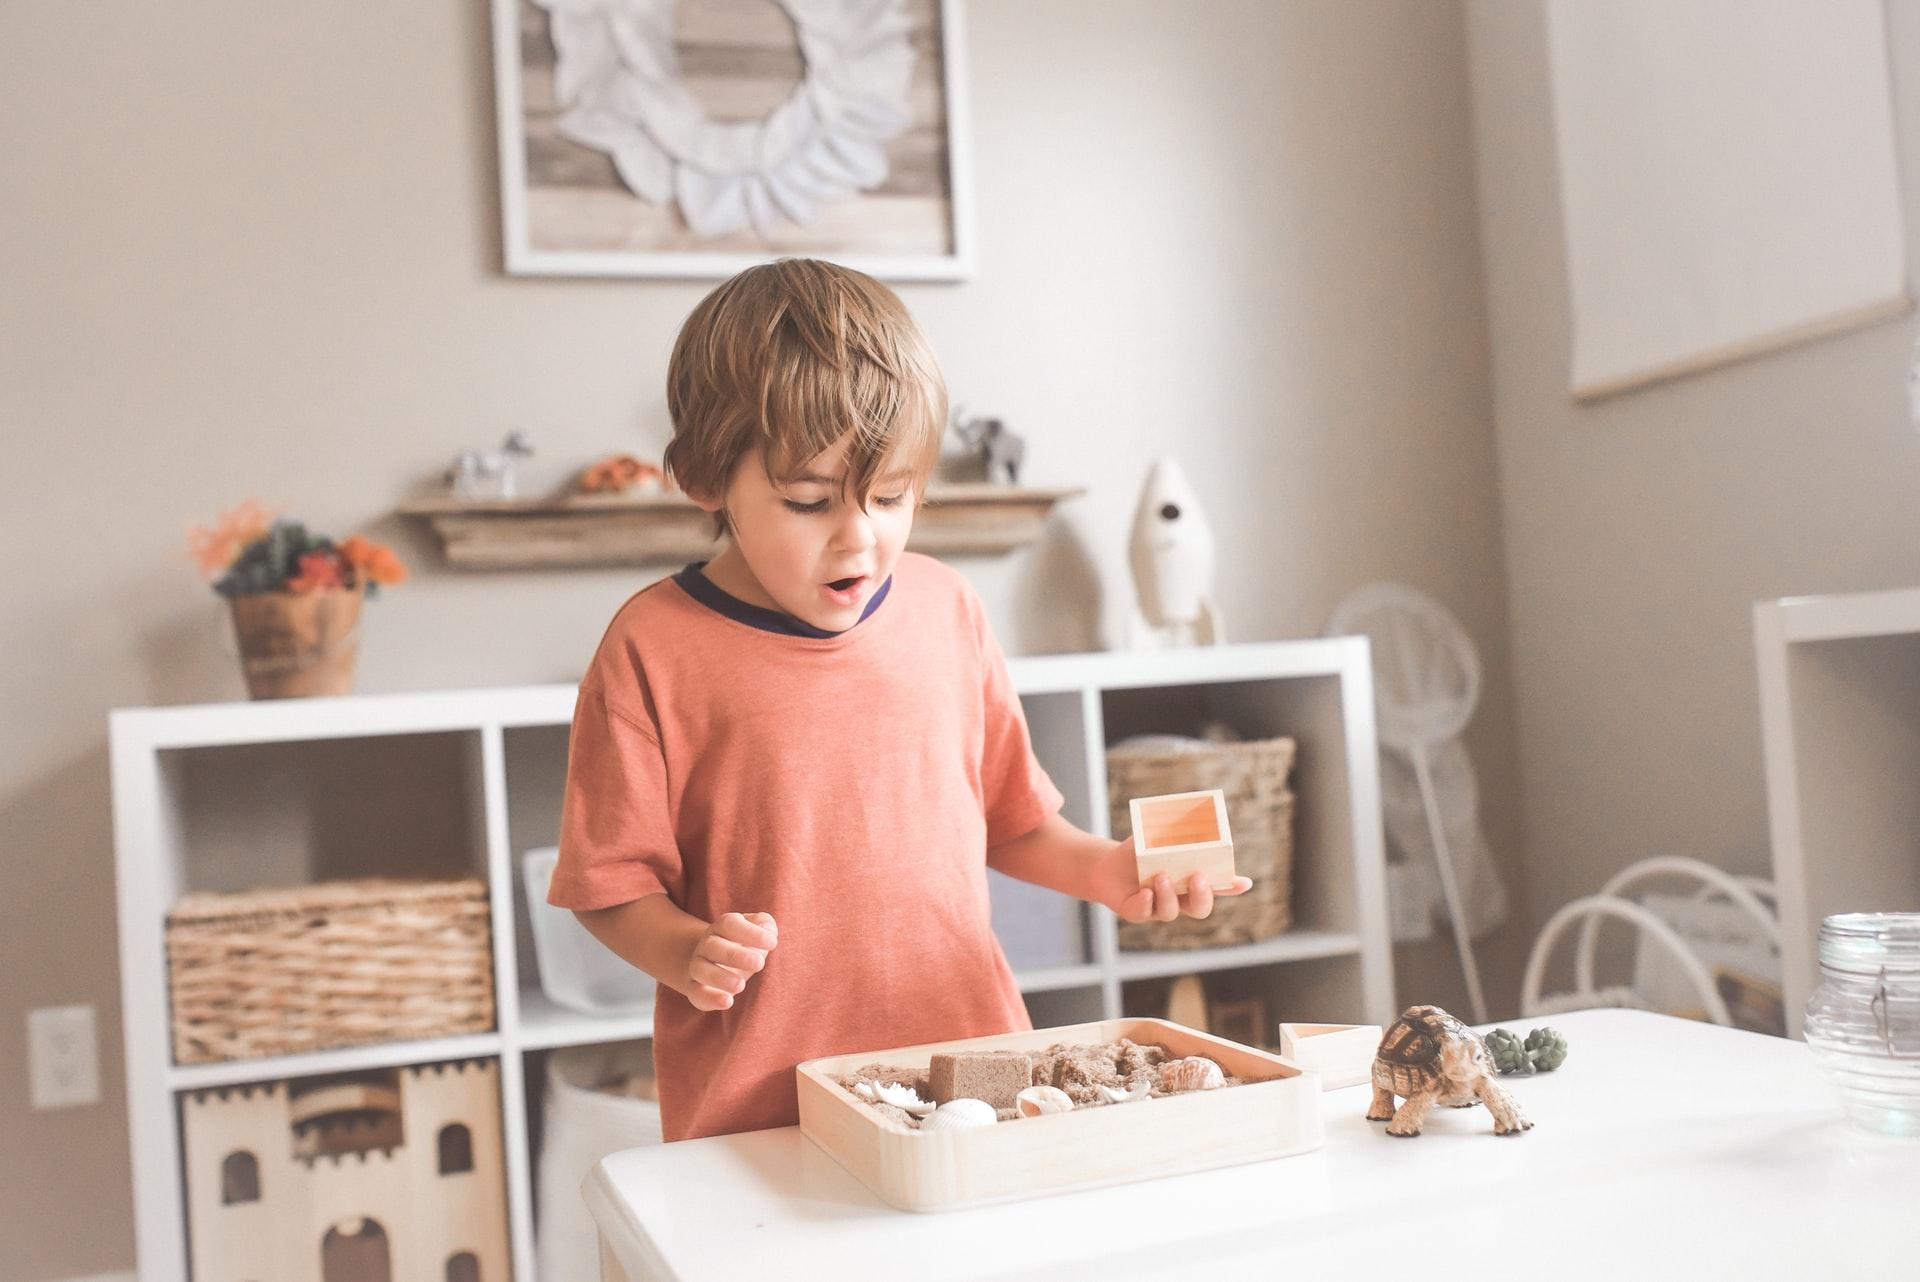 Dziecko bawi się przy stoliku